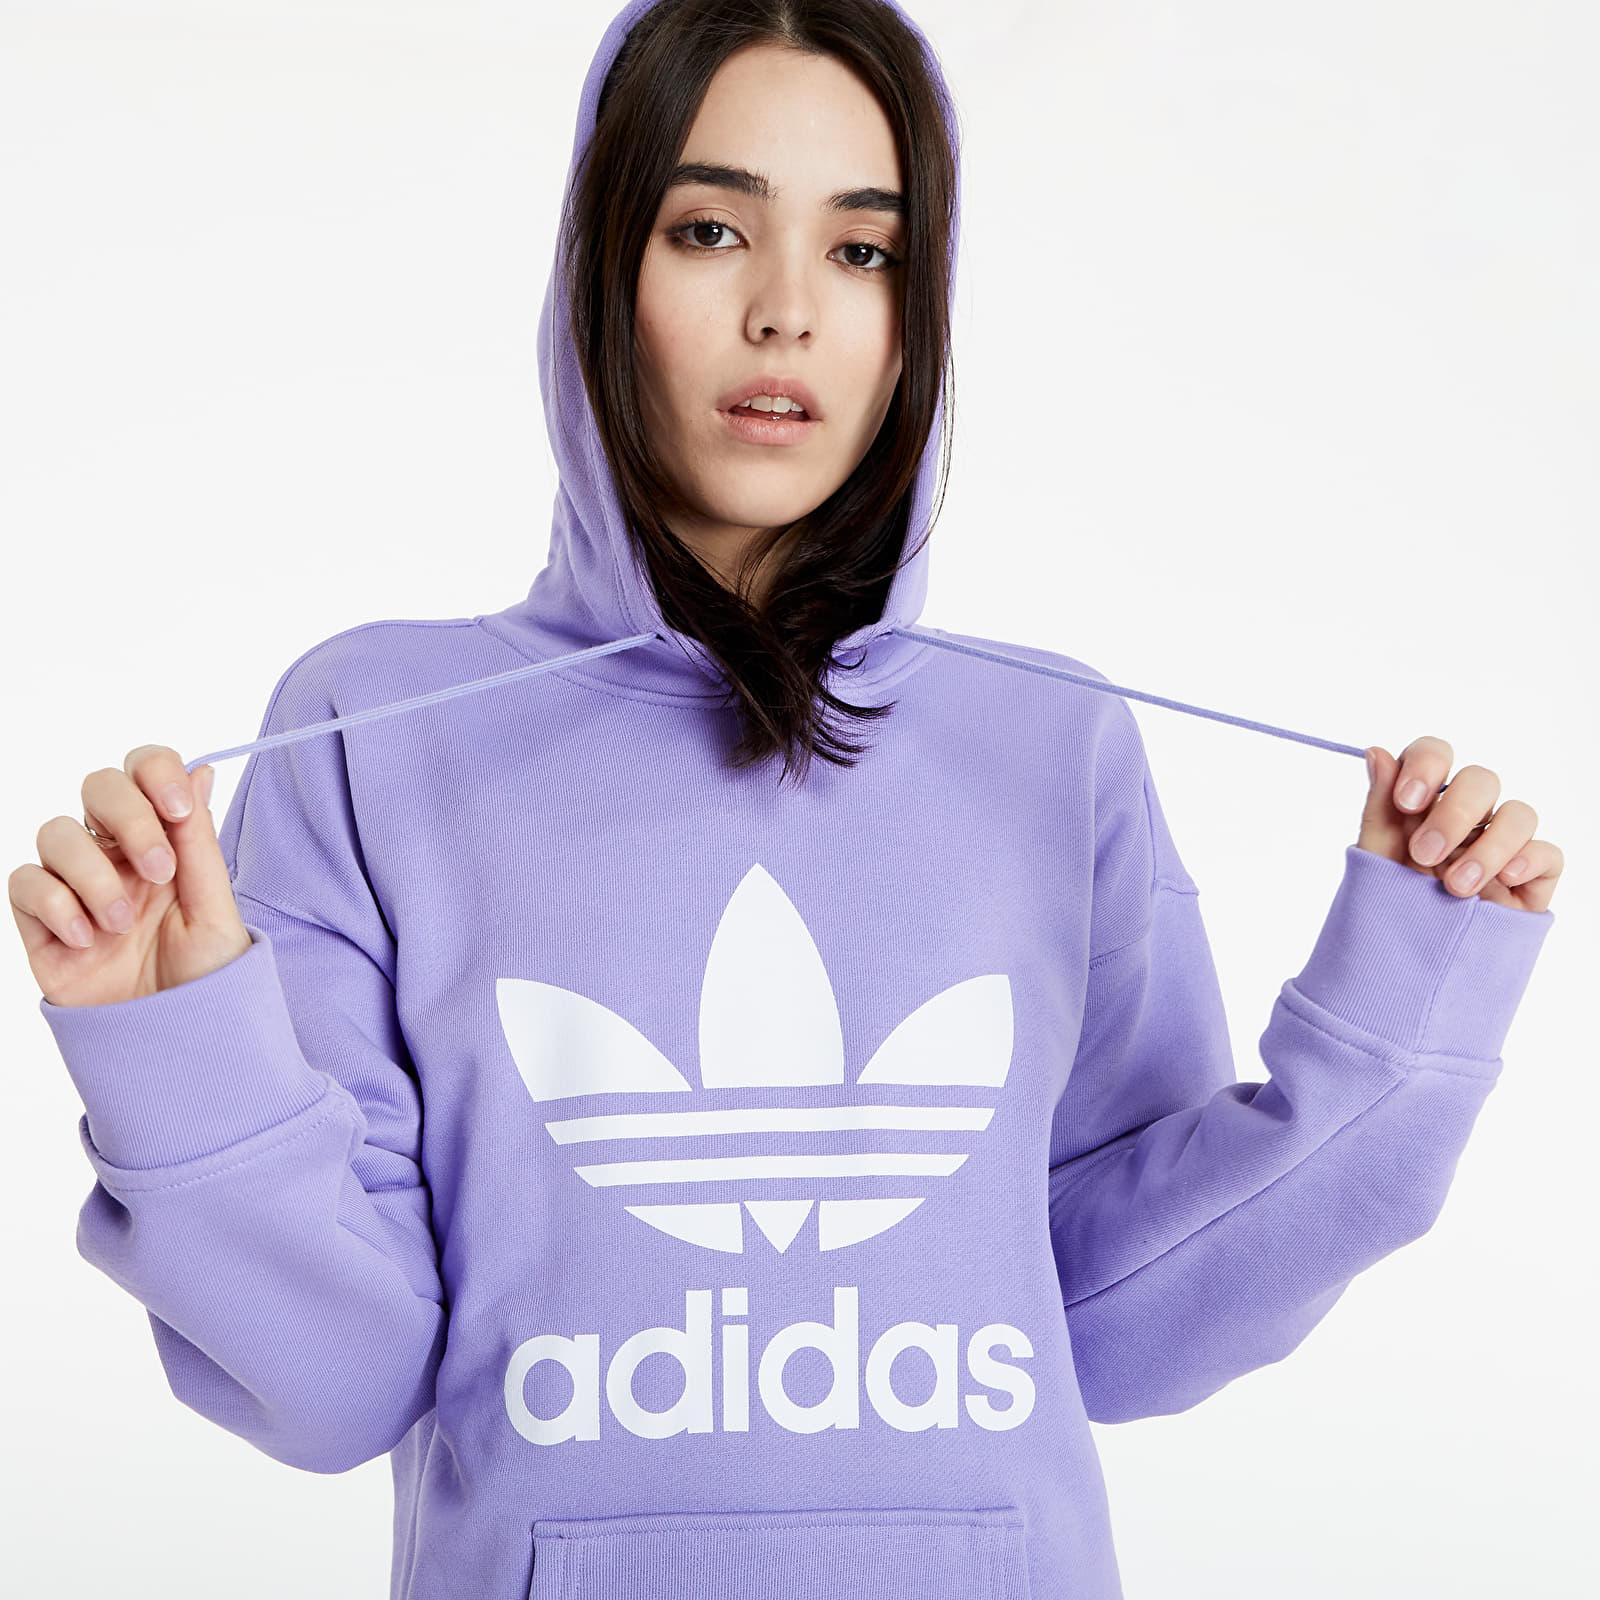 adidas Adicolor Trefoil Hoodie Light Purple S/34